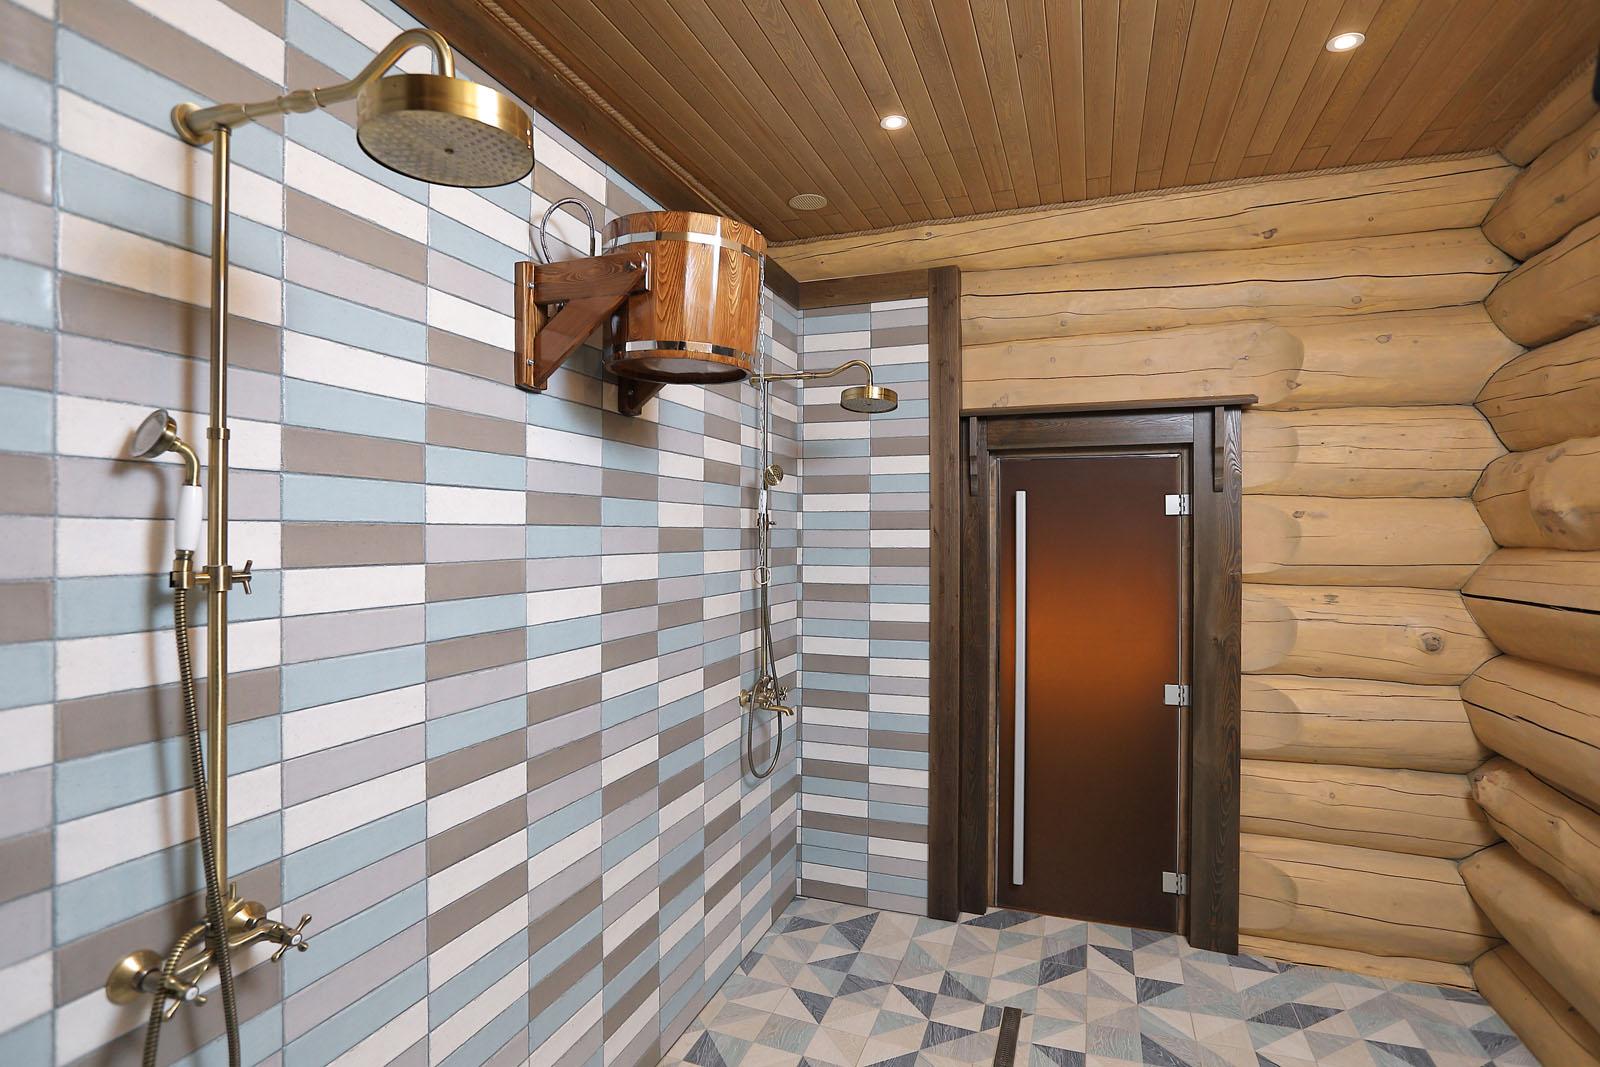 Моечная и помывочная в бане: отделка, дизайн и интерьер (+фото)